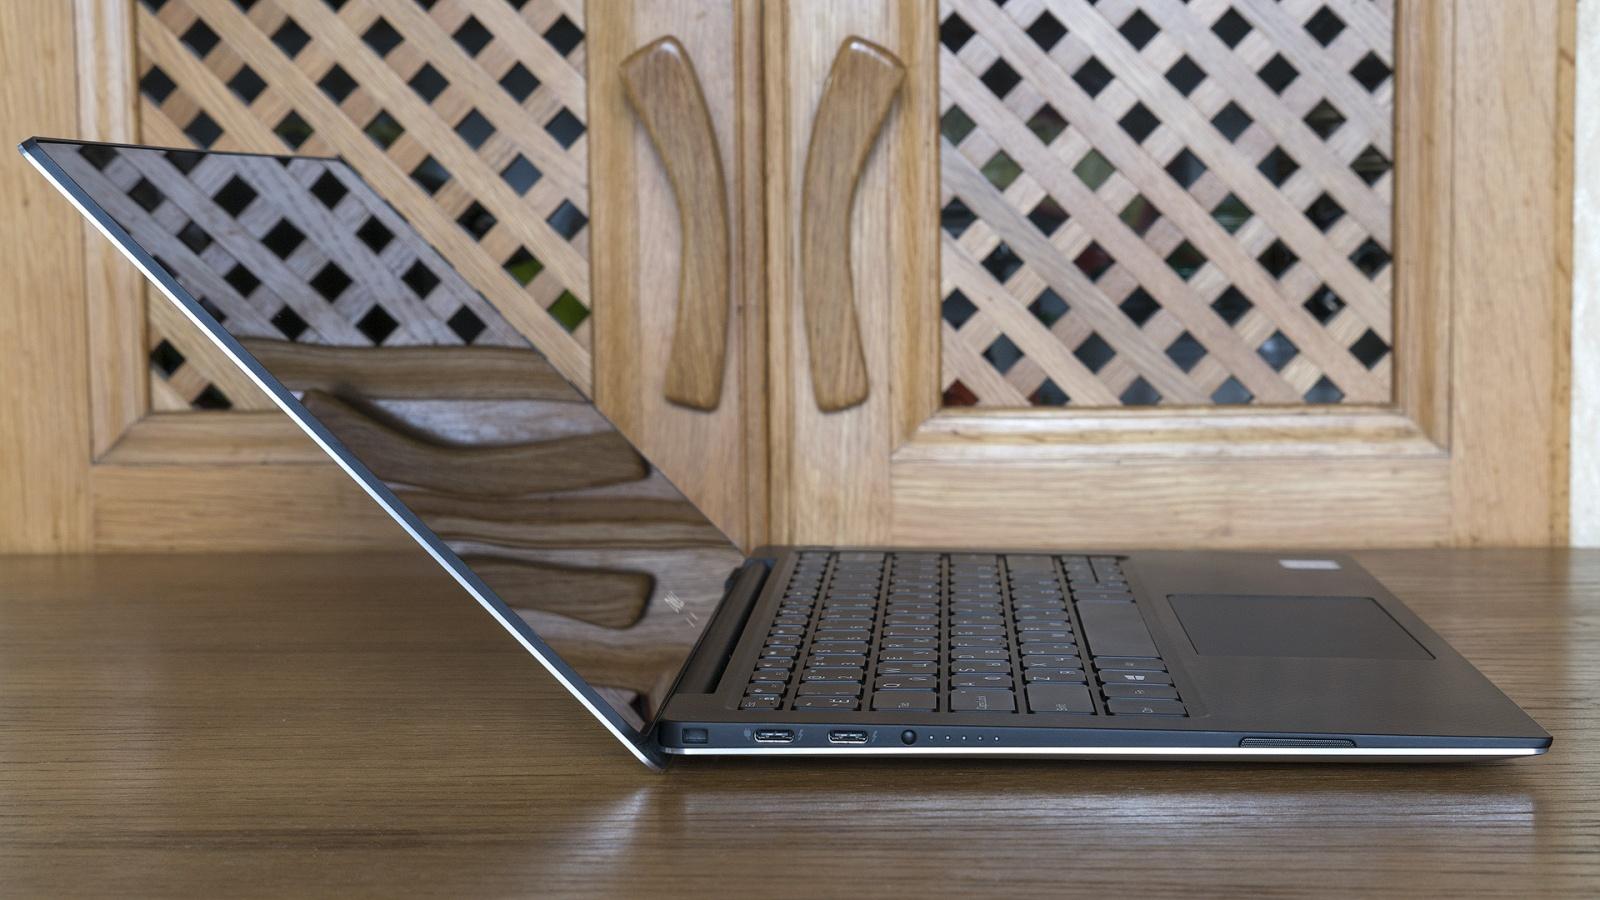 Обзор ноутбука Dell XPS 13 9370: лёгкий, красивый, быстрый - 3